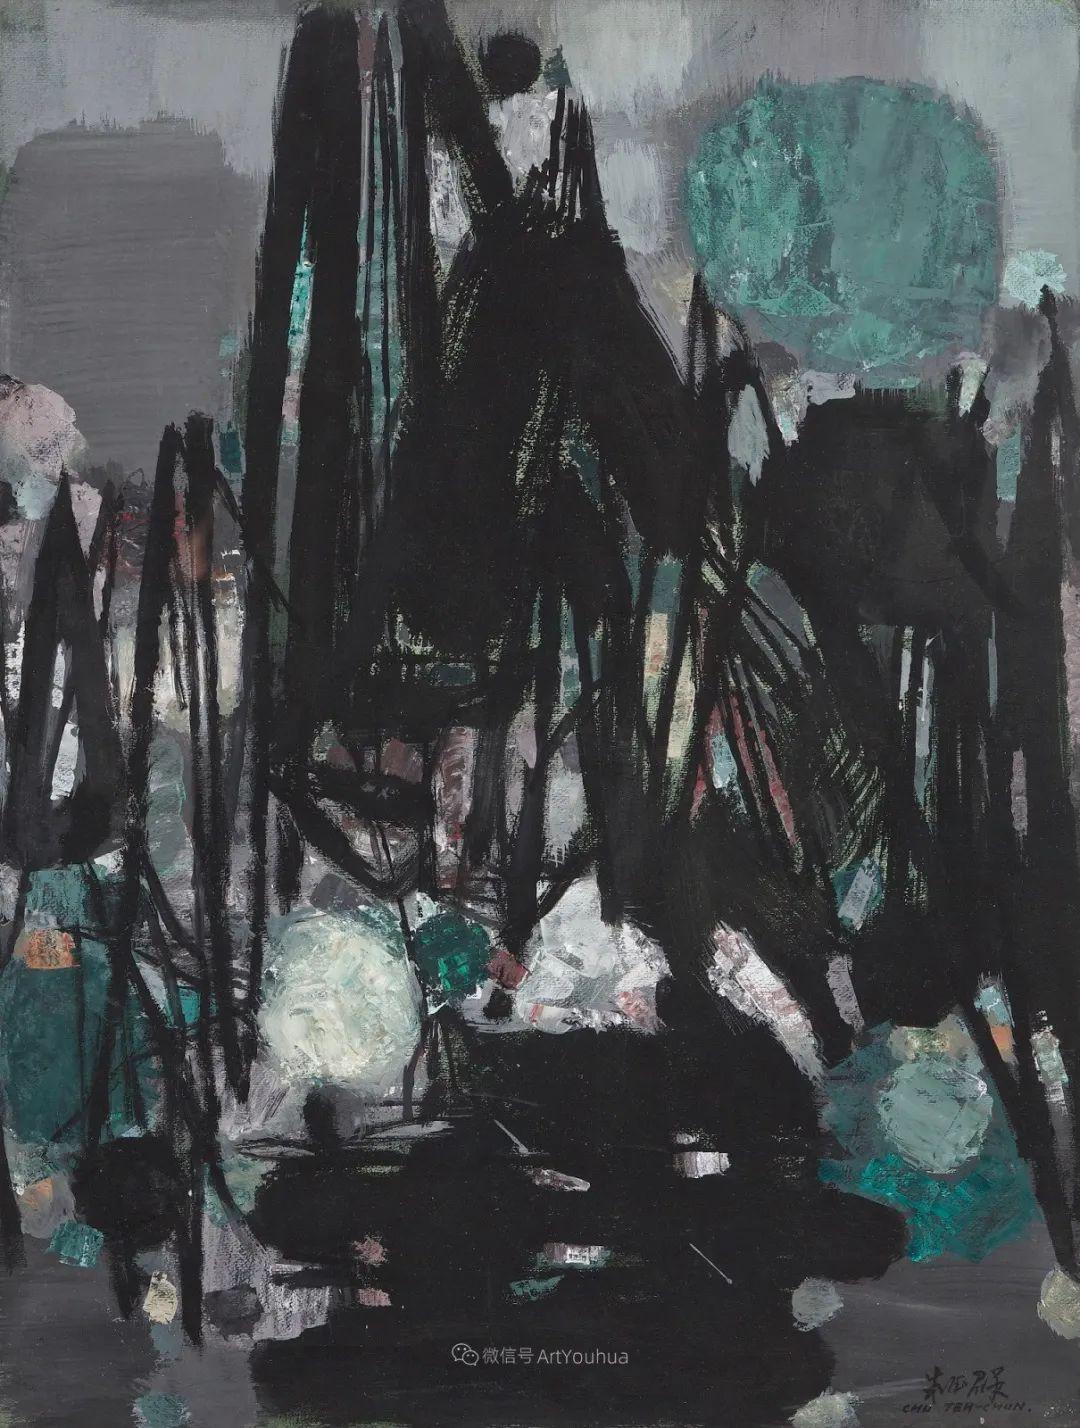 以色彩写诗,具象转抽象,朱德群作品欣赏 (高清)插图79